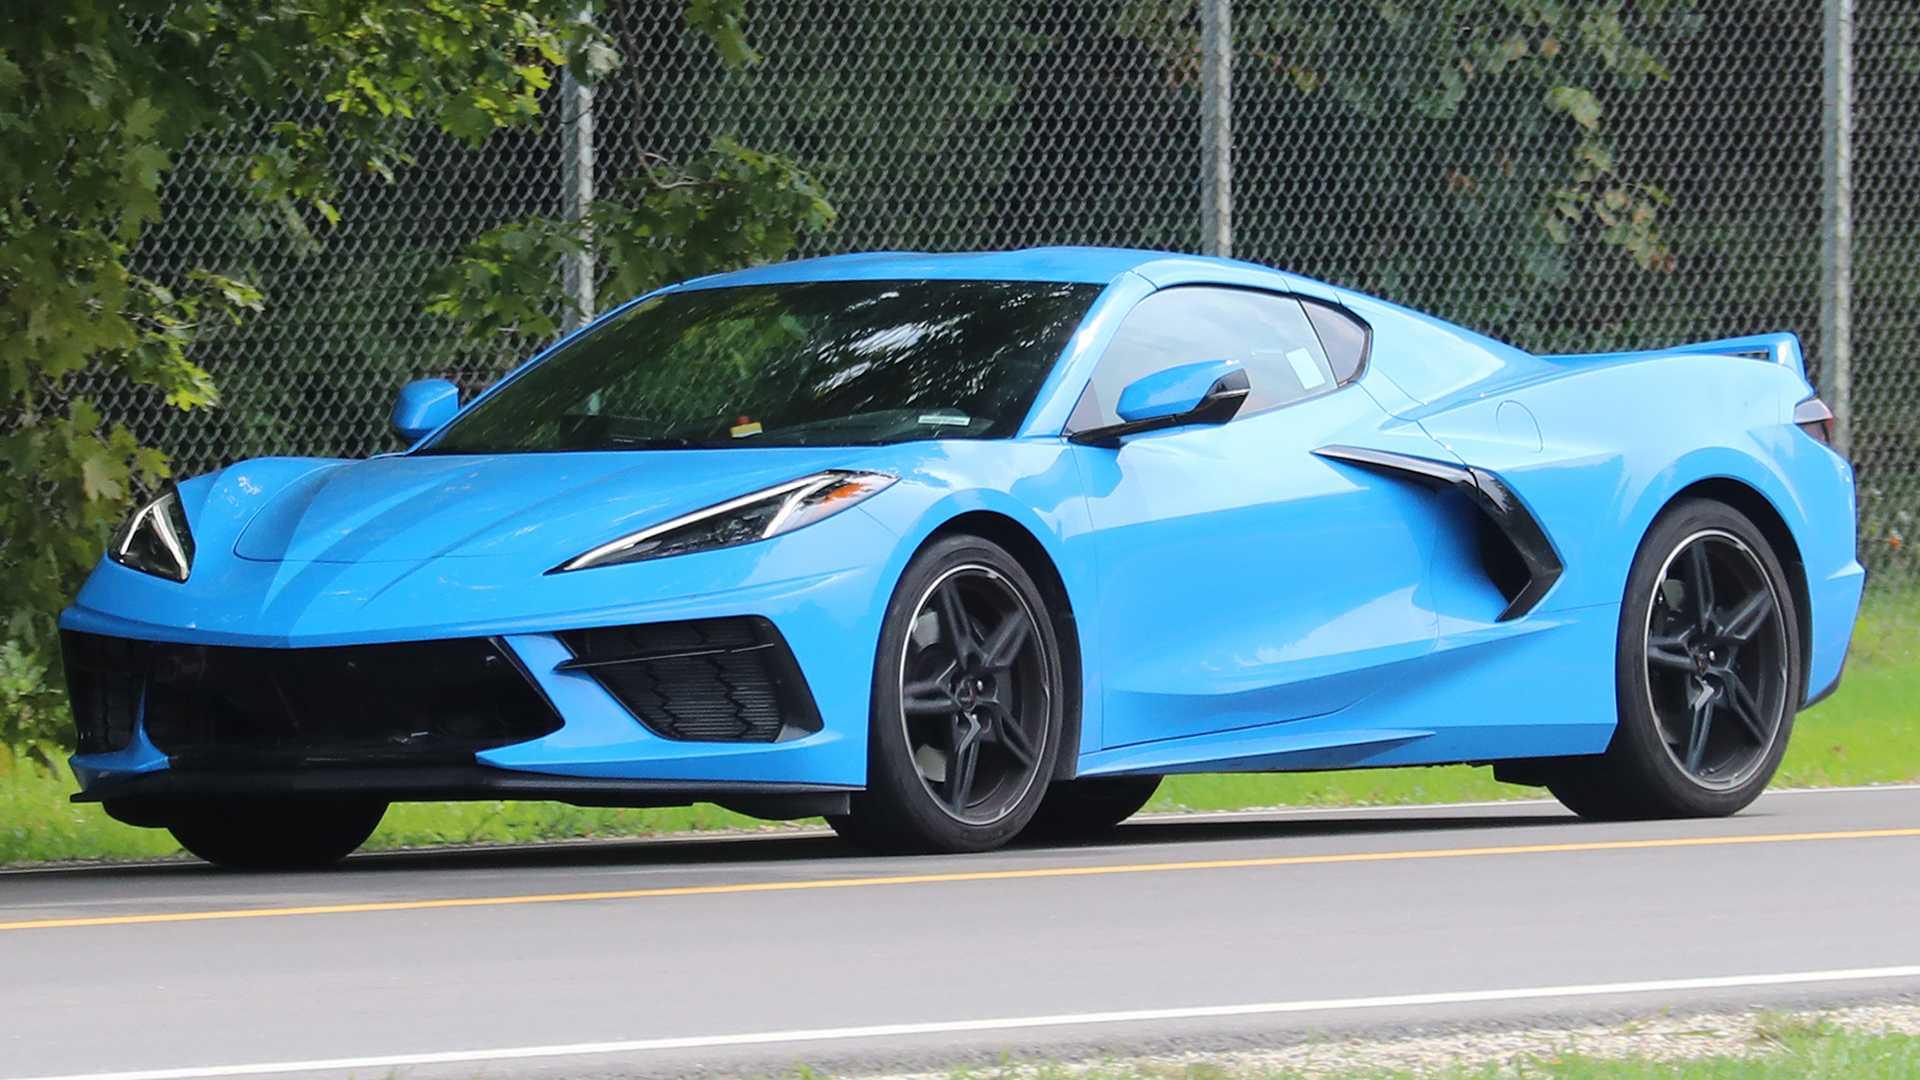 chevrolet-corvette-c8-rapid-blue.jpg